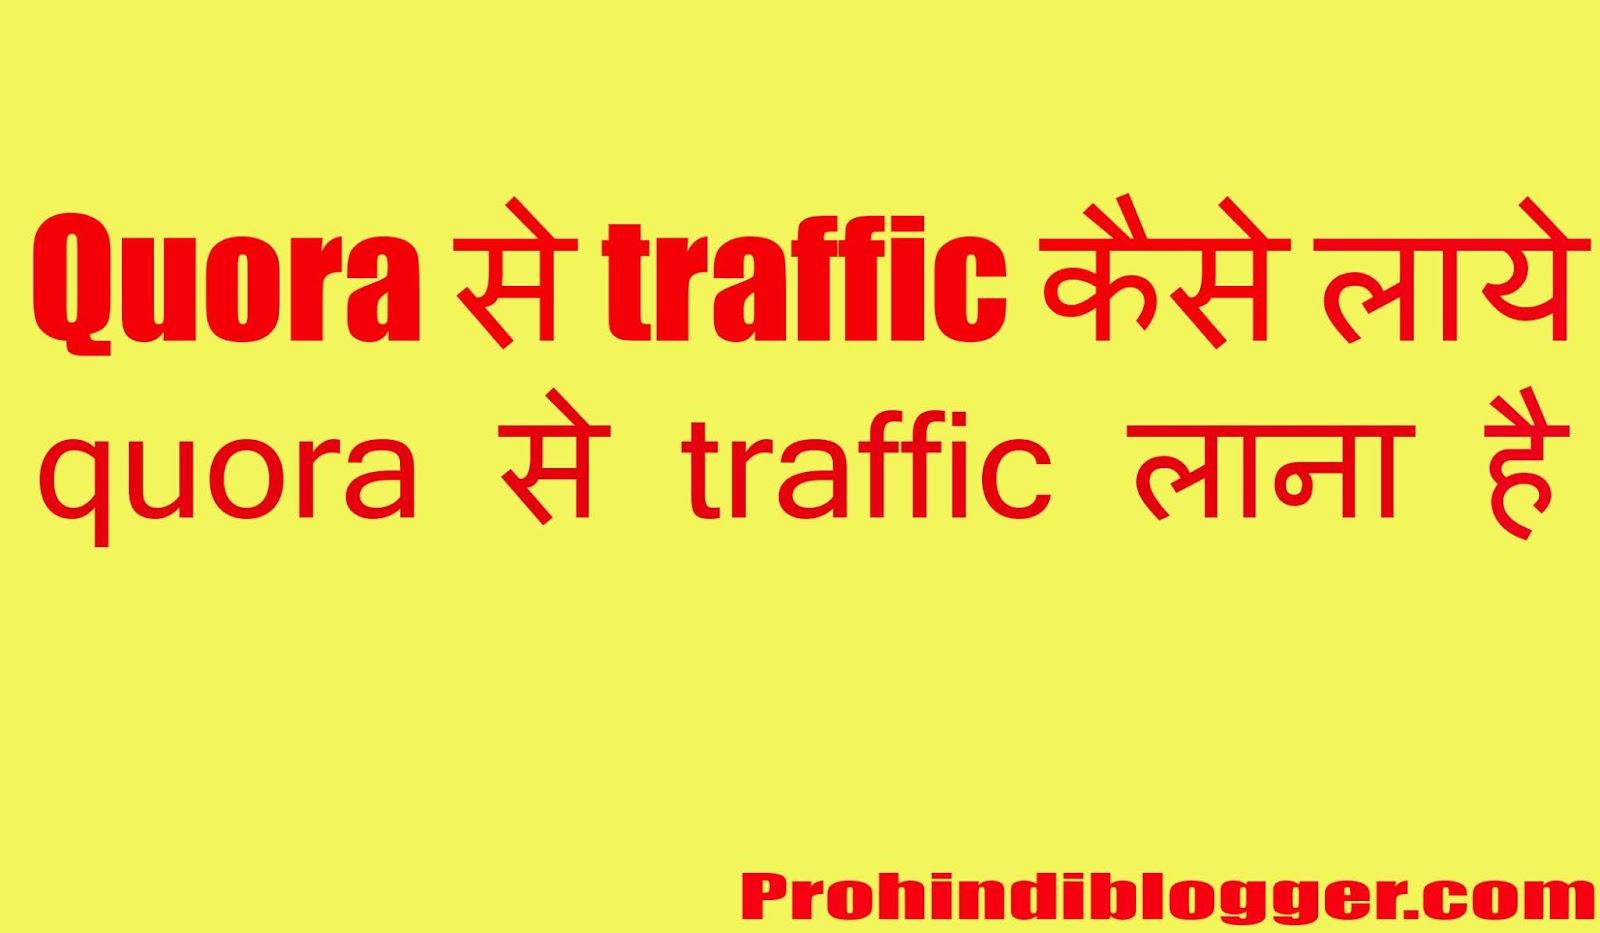 Quora से Traffic कैसे generate करे